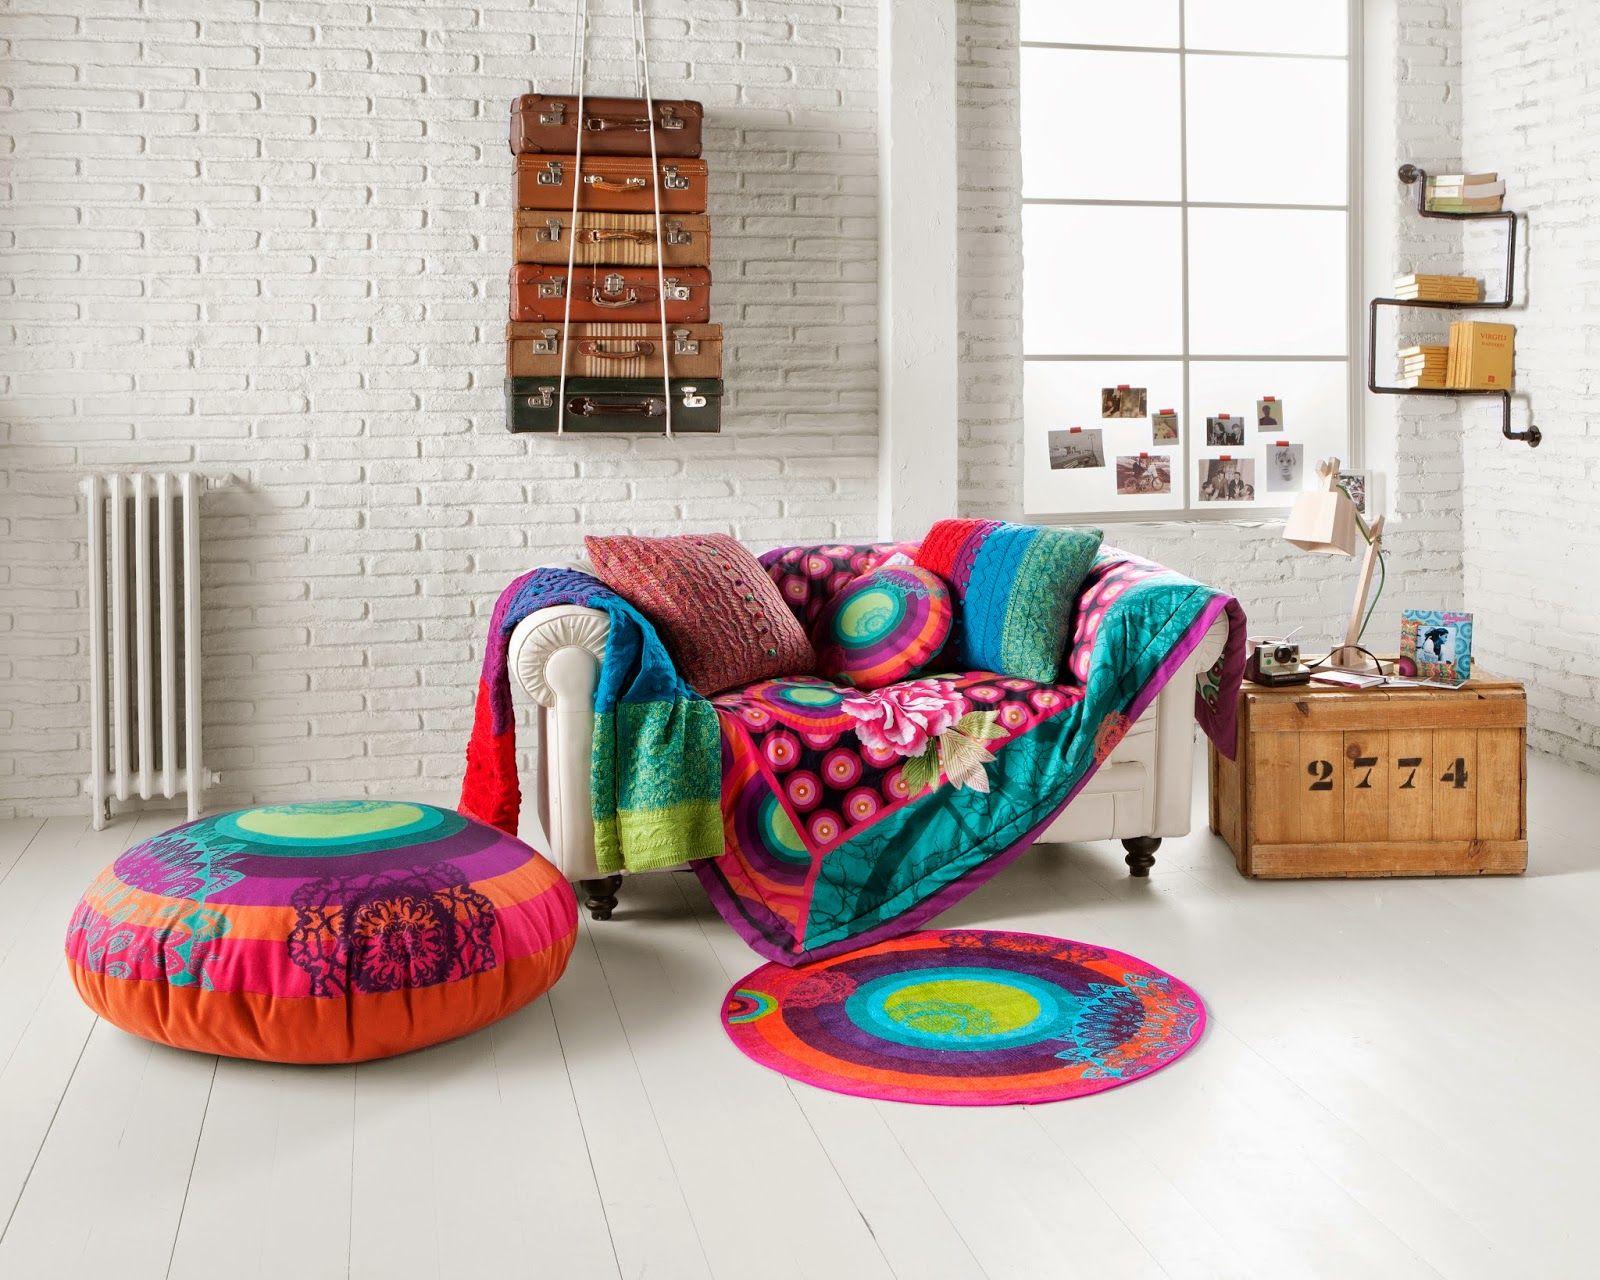 Cuscini Divano Desigual.Rooms Desigual Living Arredamento Idee Per La Casa E Decorazioni